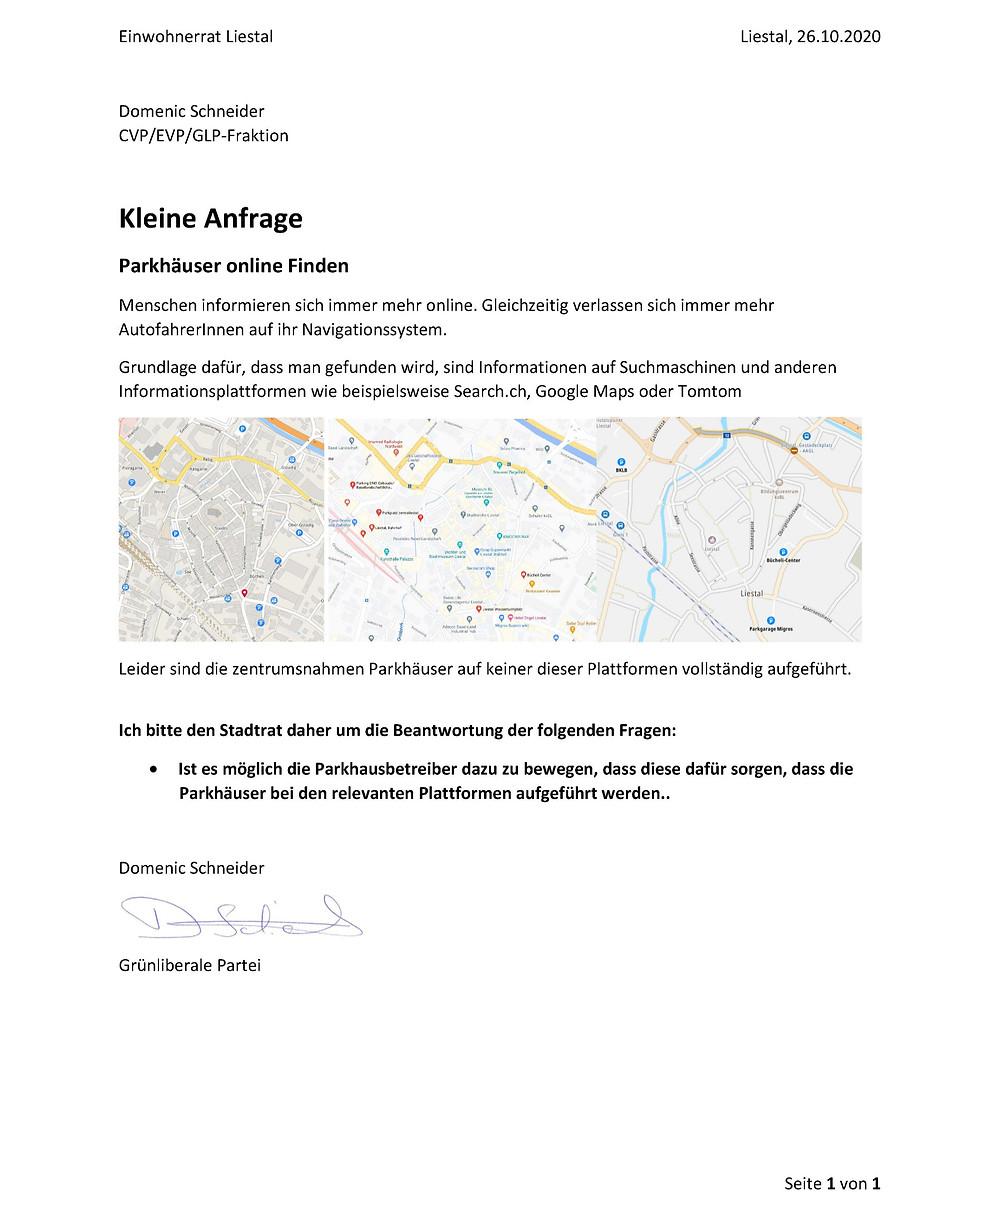 Kleine Anfrage; Parkhäuser online finden von Domenic Schneider